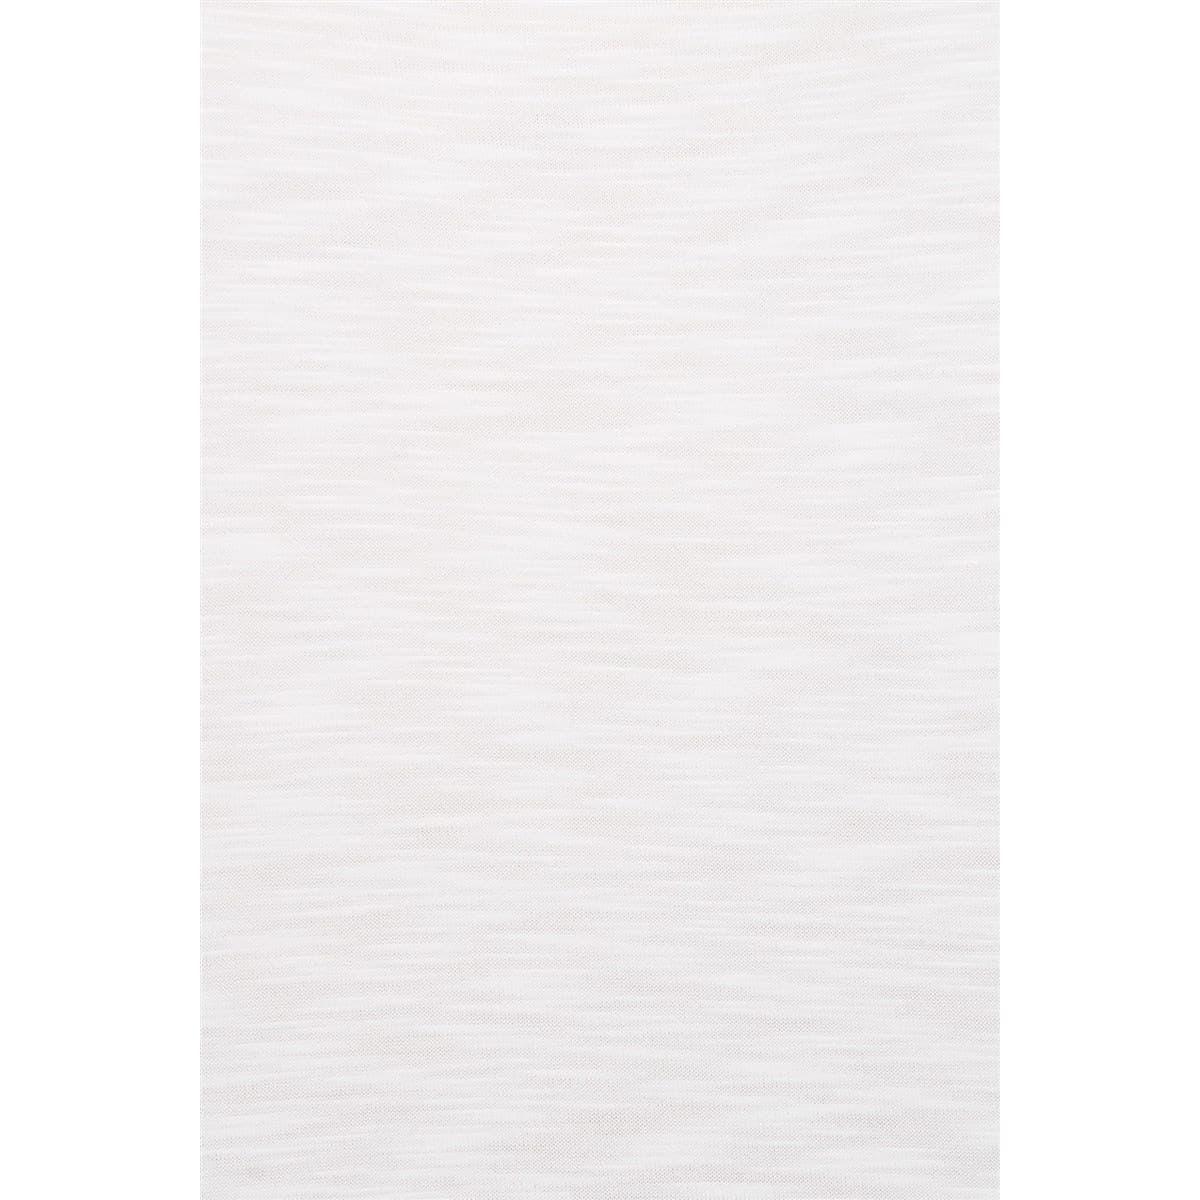 Kisa Kol Penye Kirik Beyaz